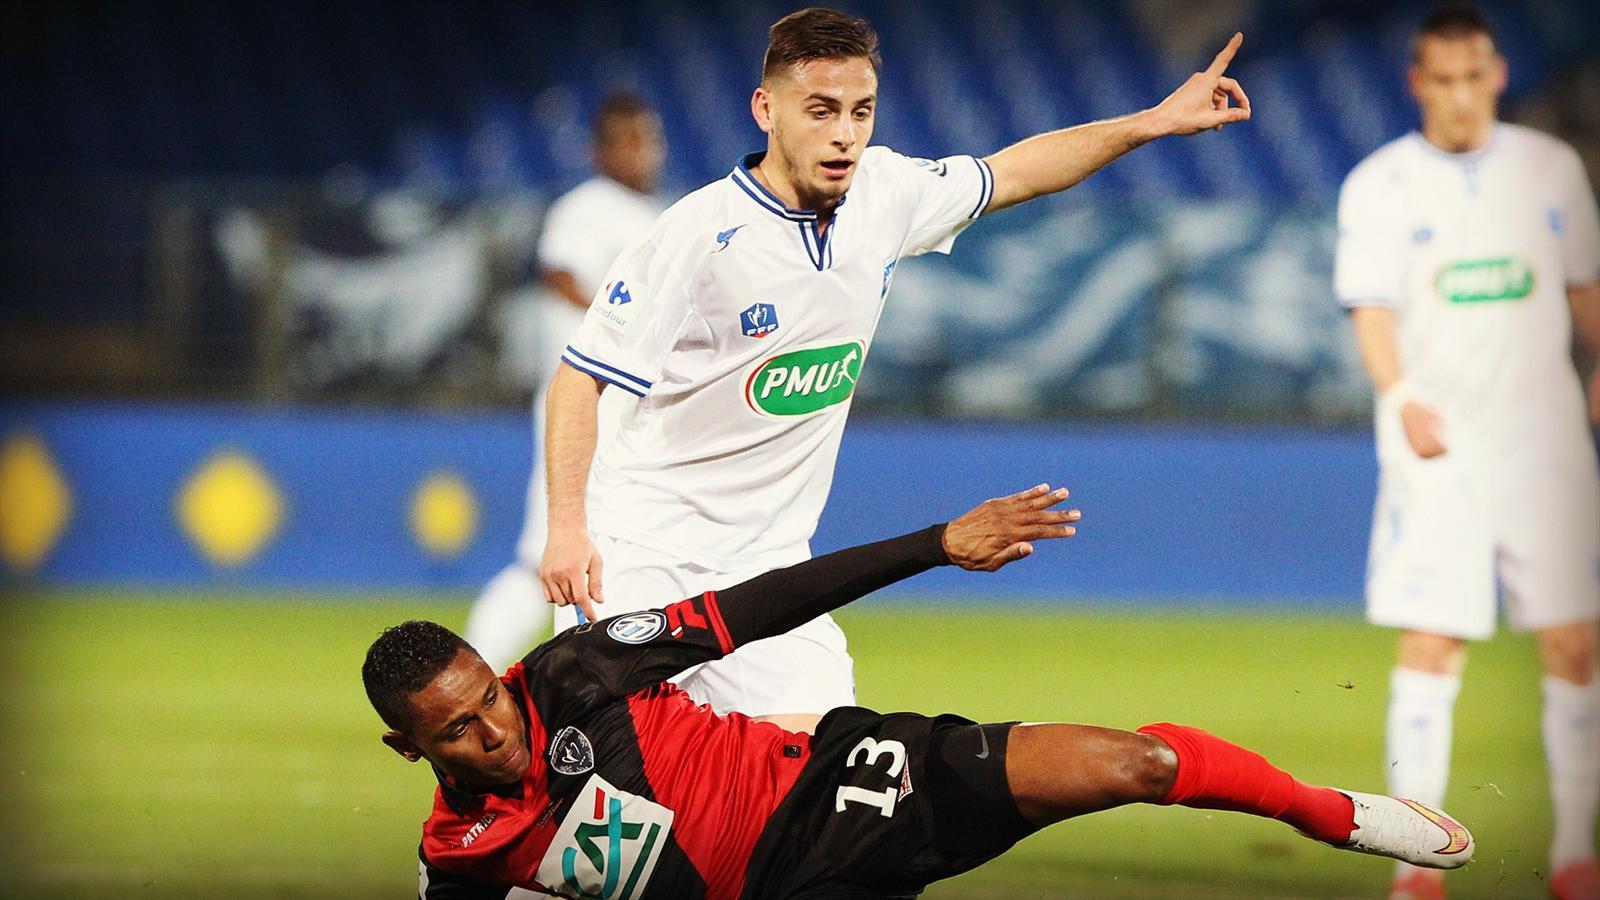 Coupe de france auxerre guingamp 1 0 retour vers le - Resultats coupe de france football 2015 ...